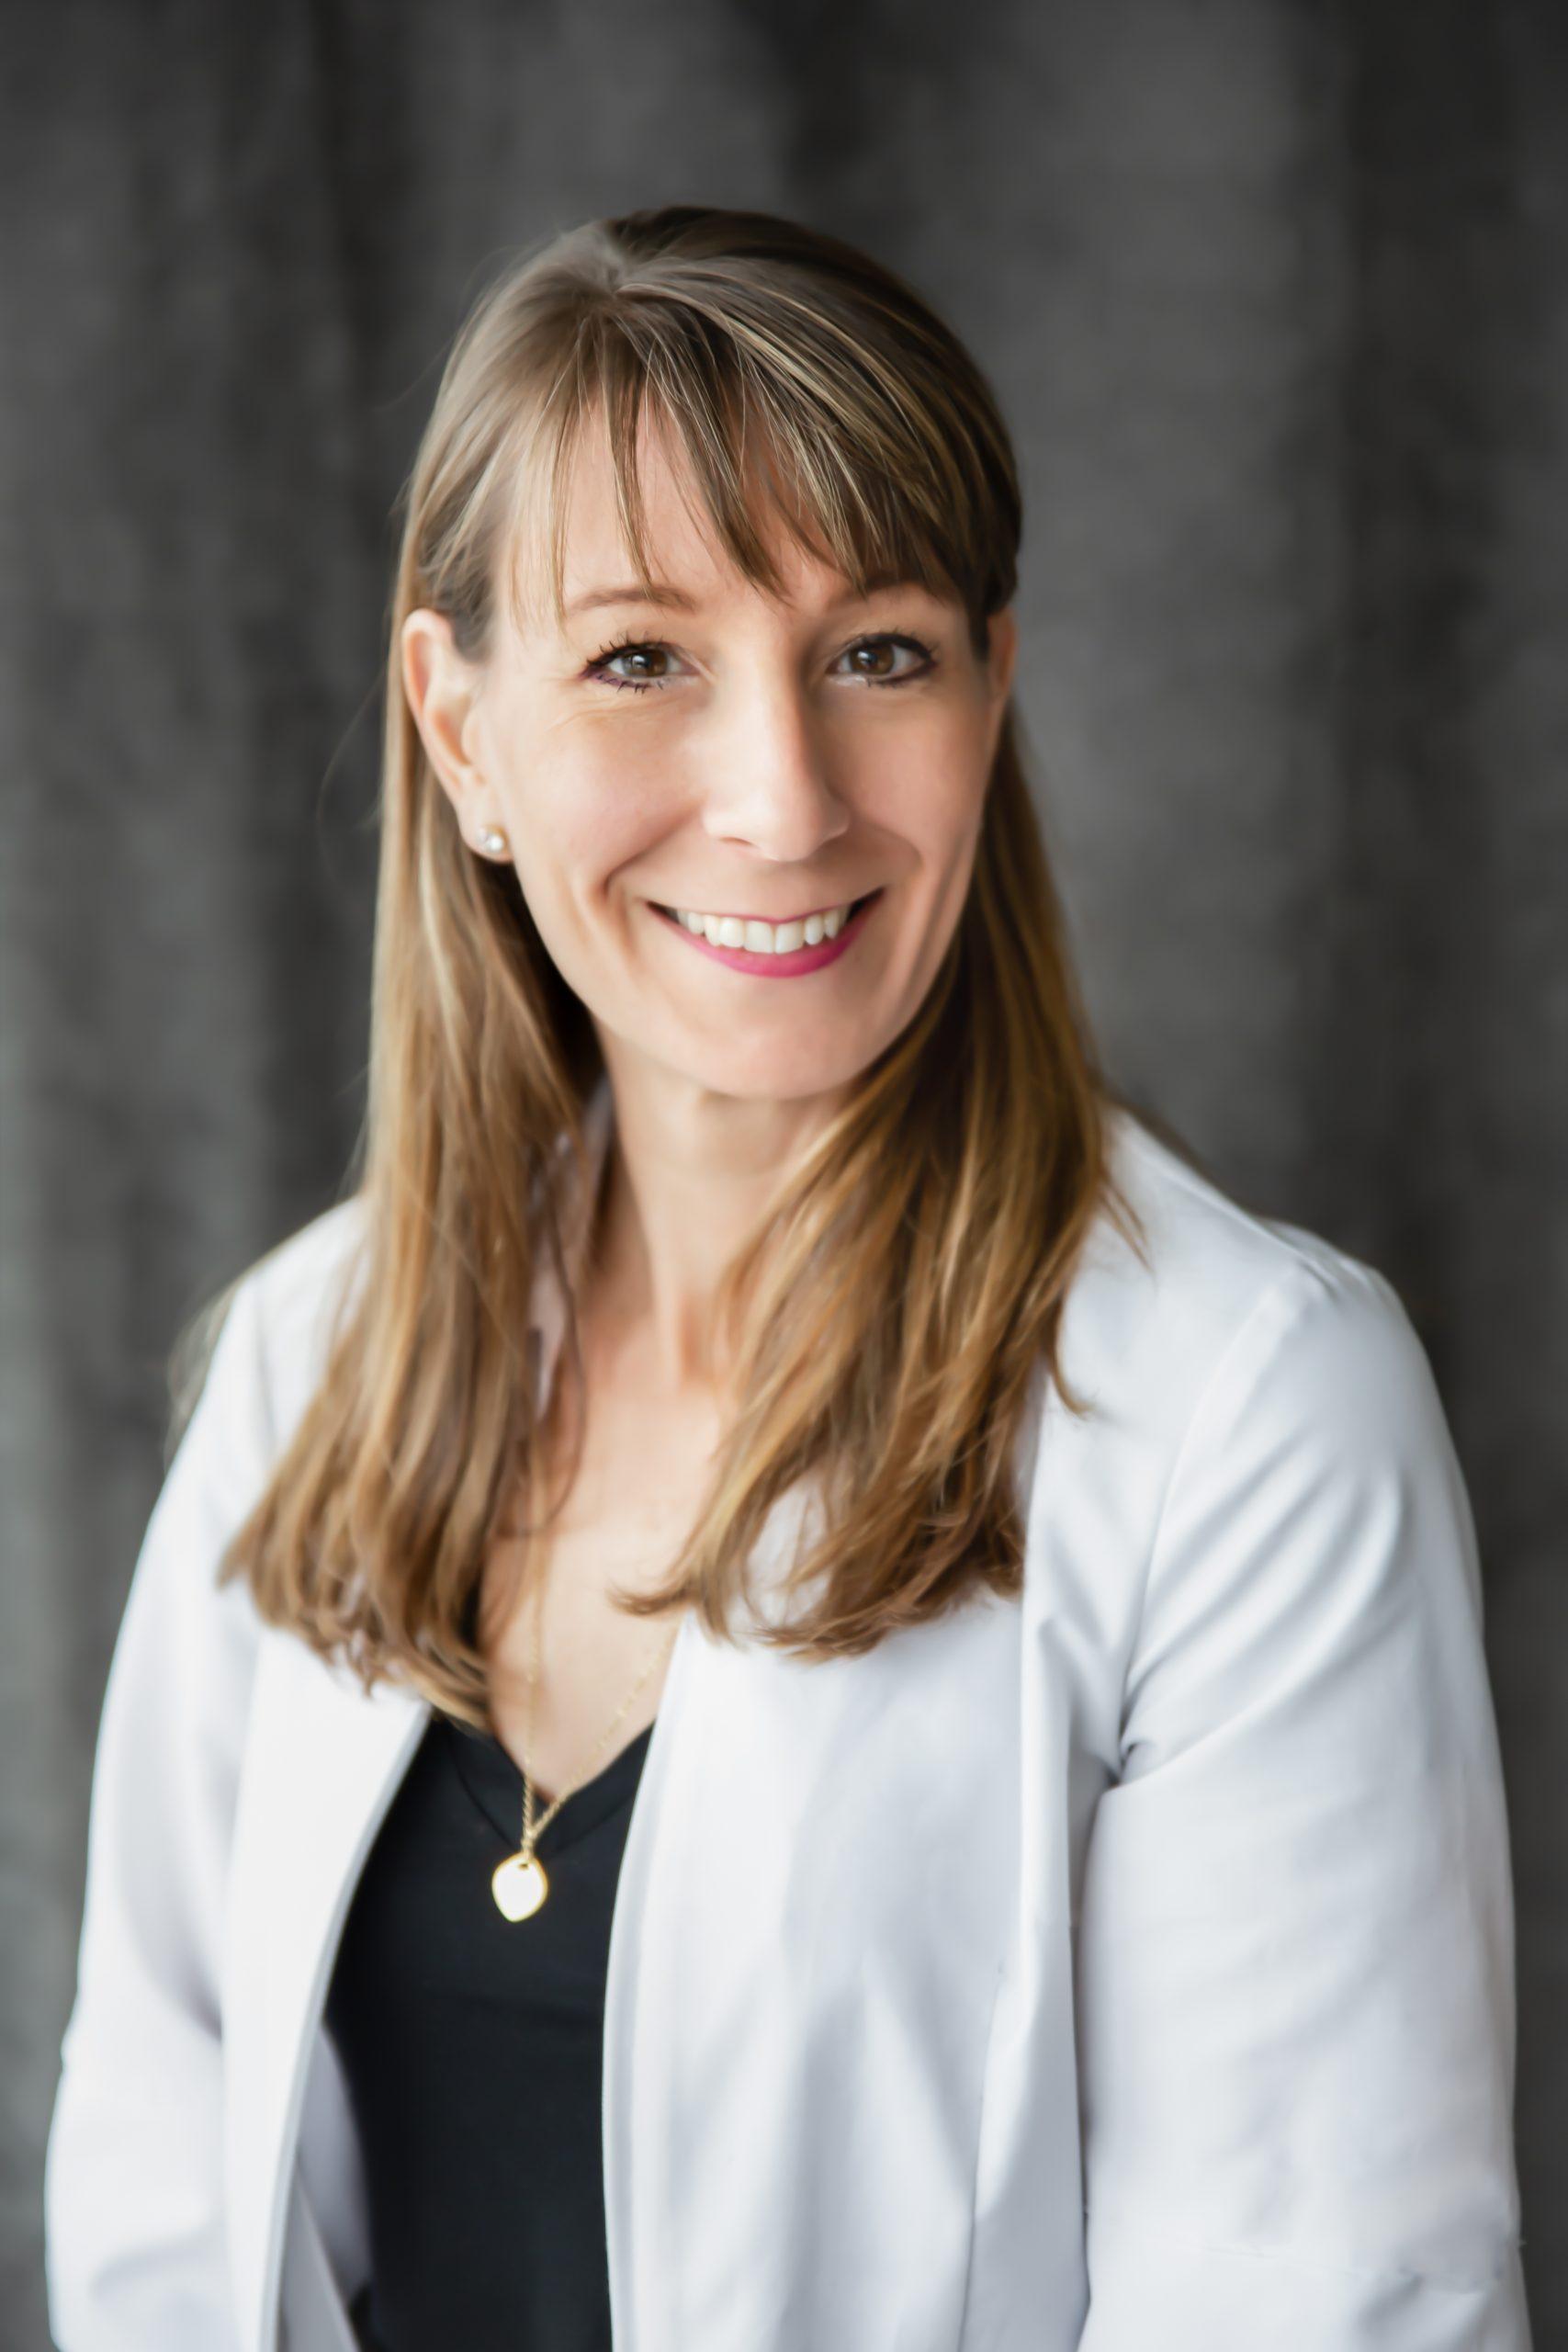 Esthéticienne / électrolyste Esthétique Chantal Lavoie